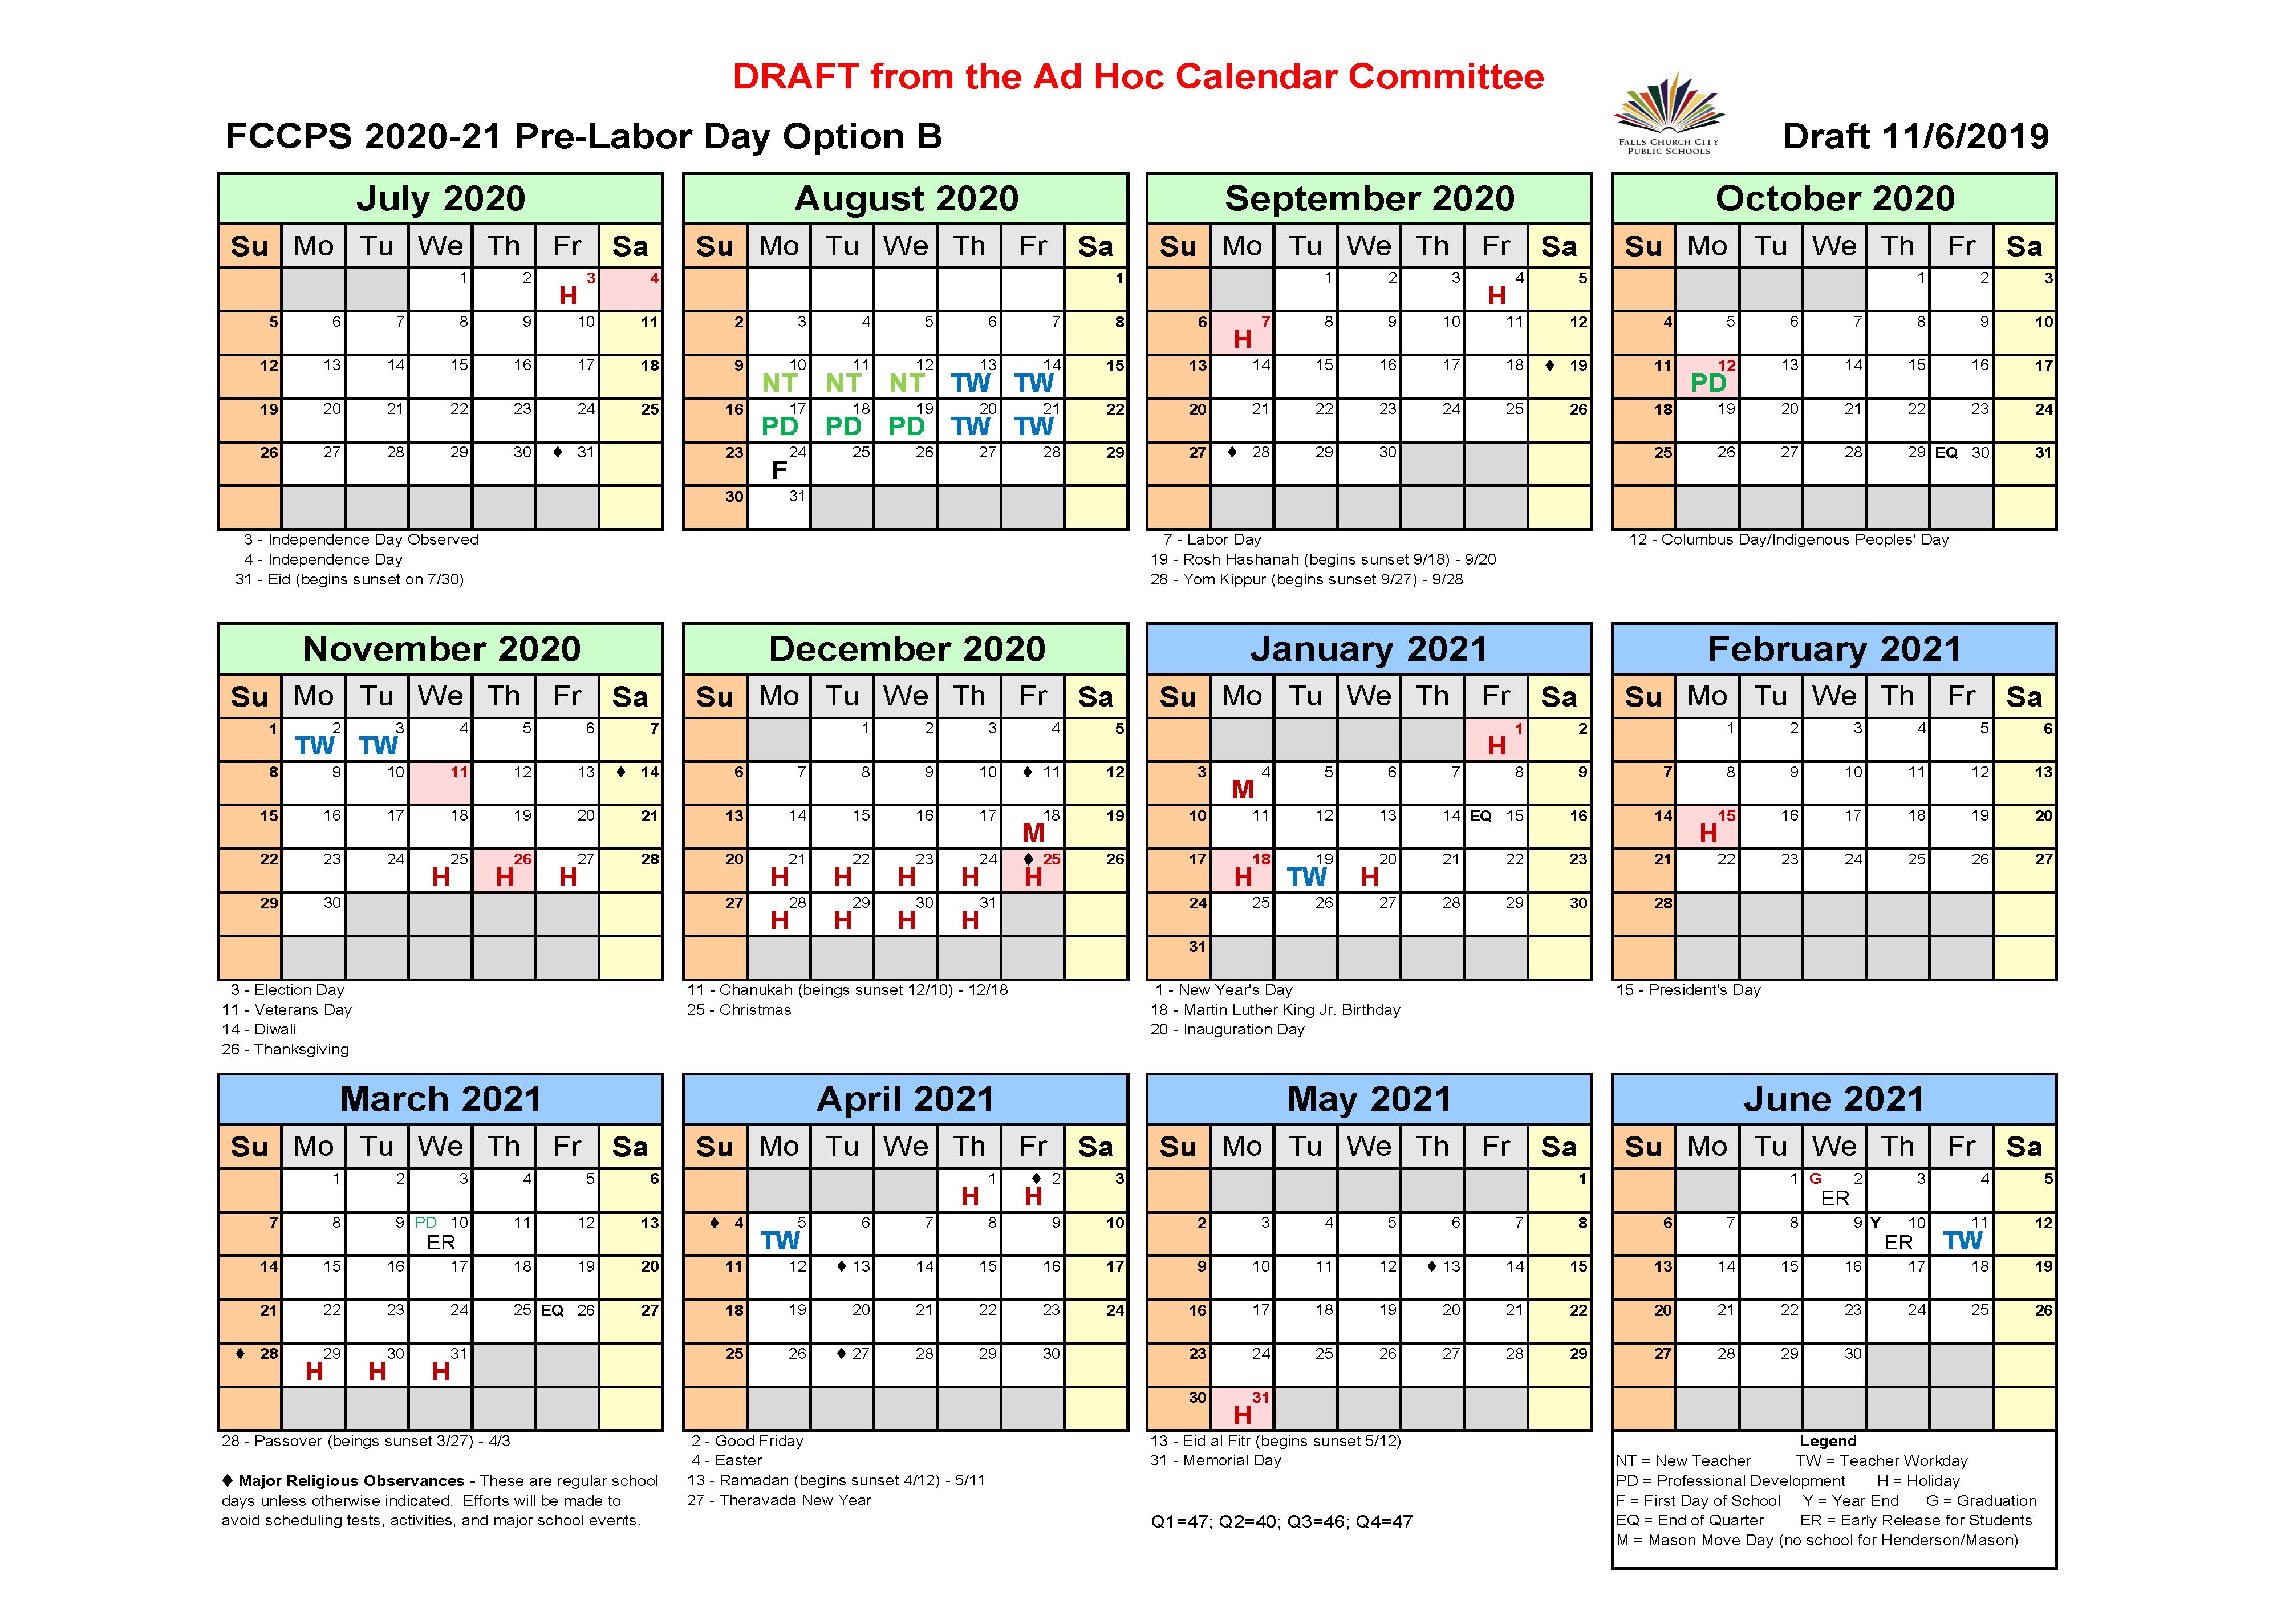 FCCPS 2020-21 Pre-Labor Day Option B